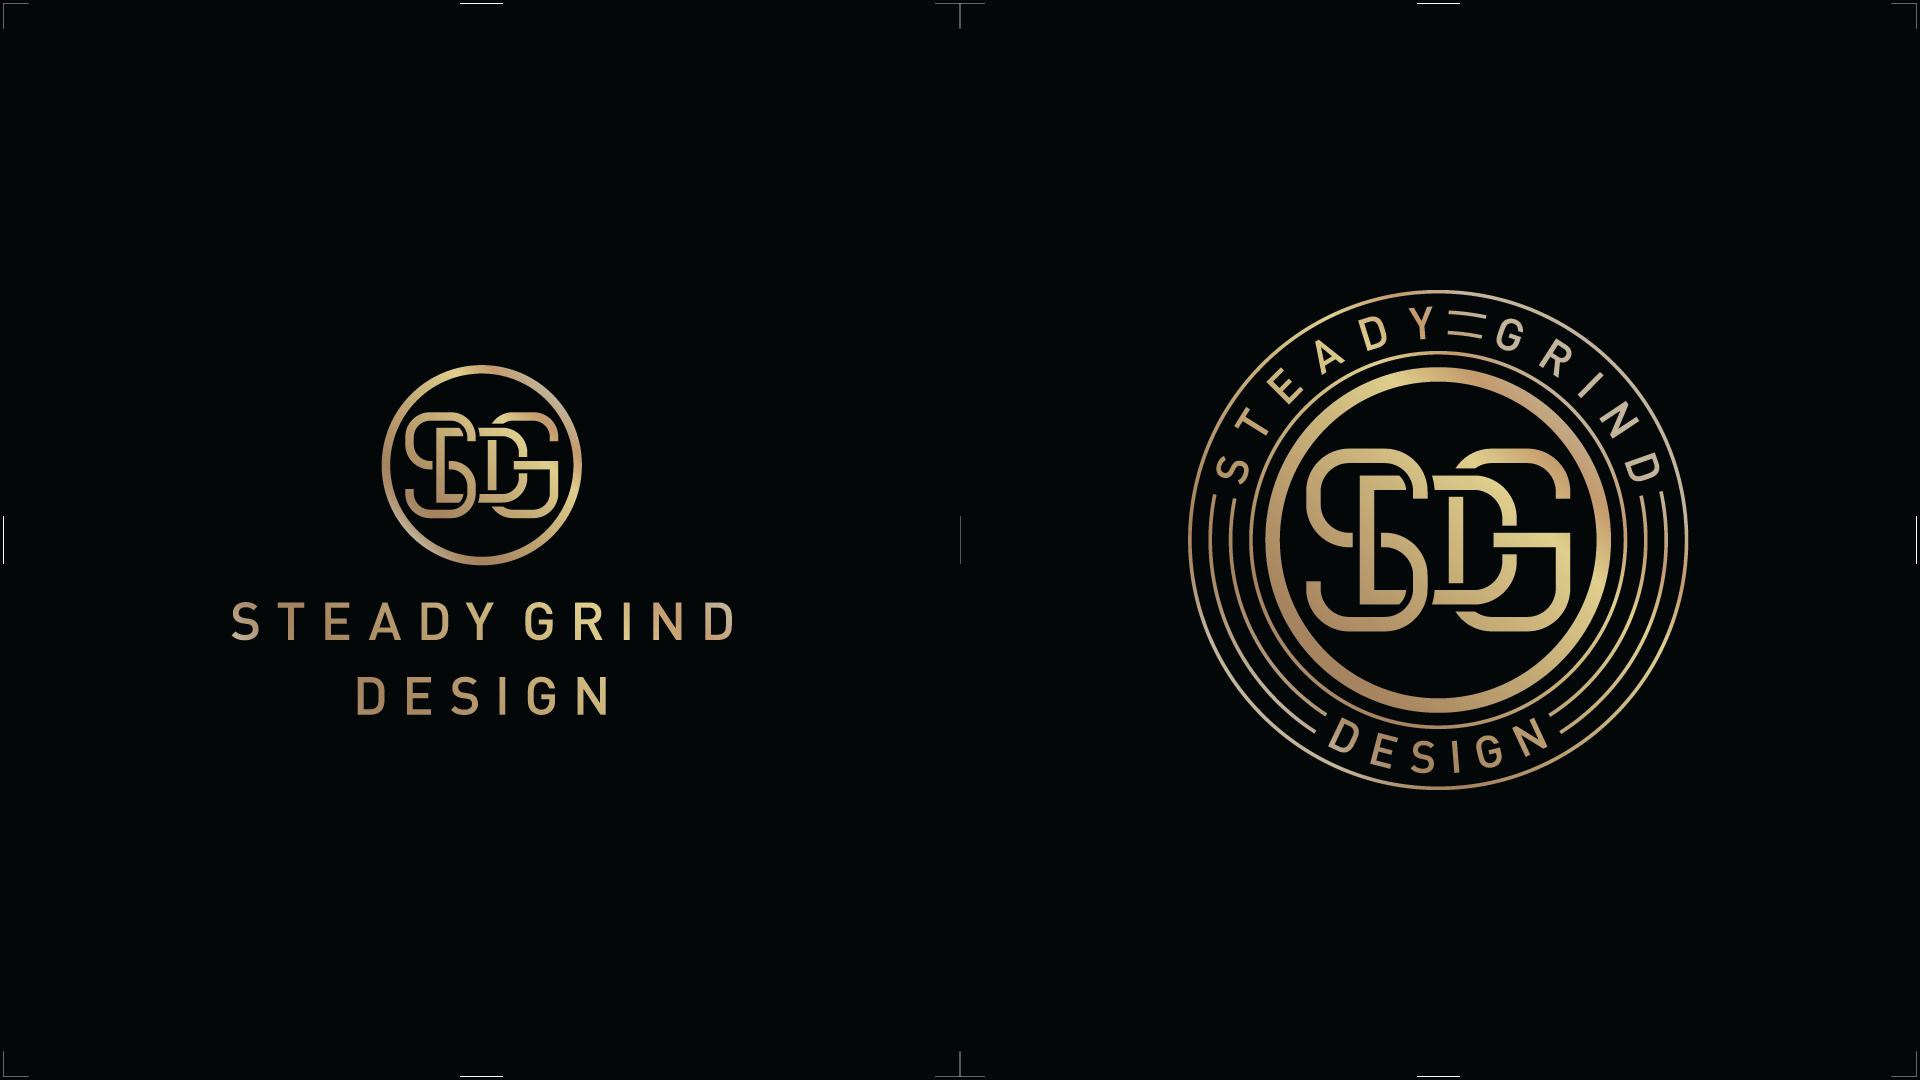 Embarklife_SGD_Logo_Concepts_03-11-2019-04.png